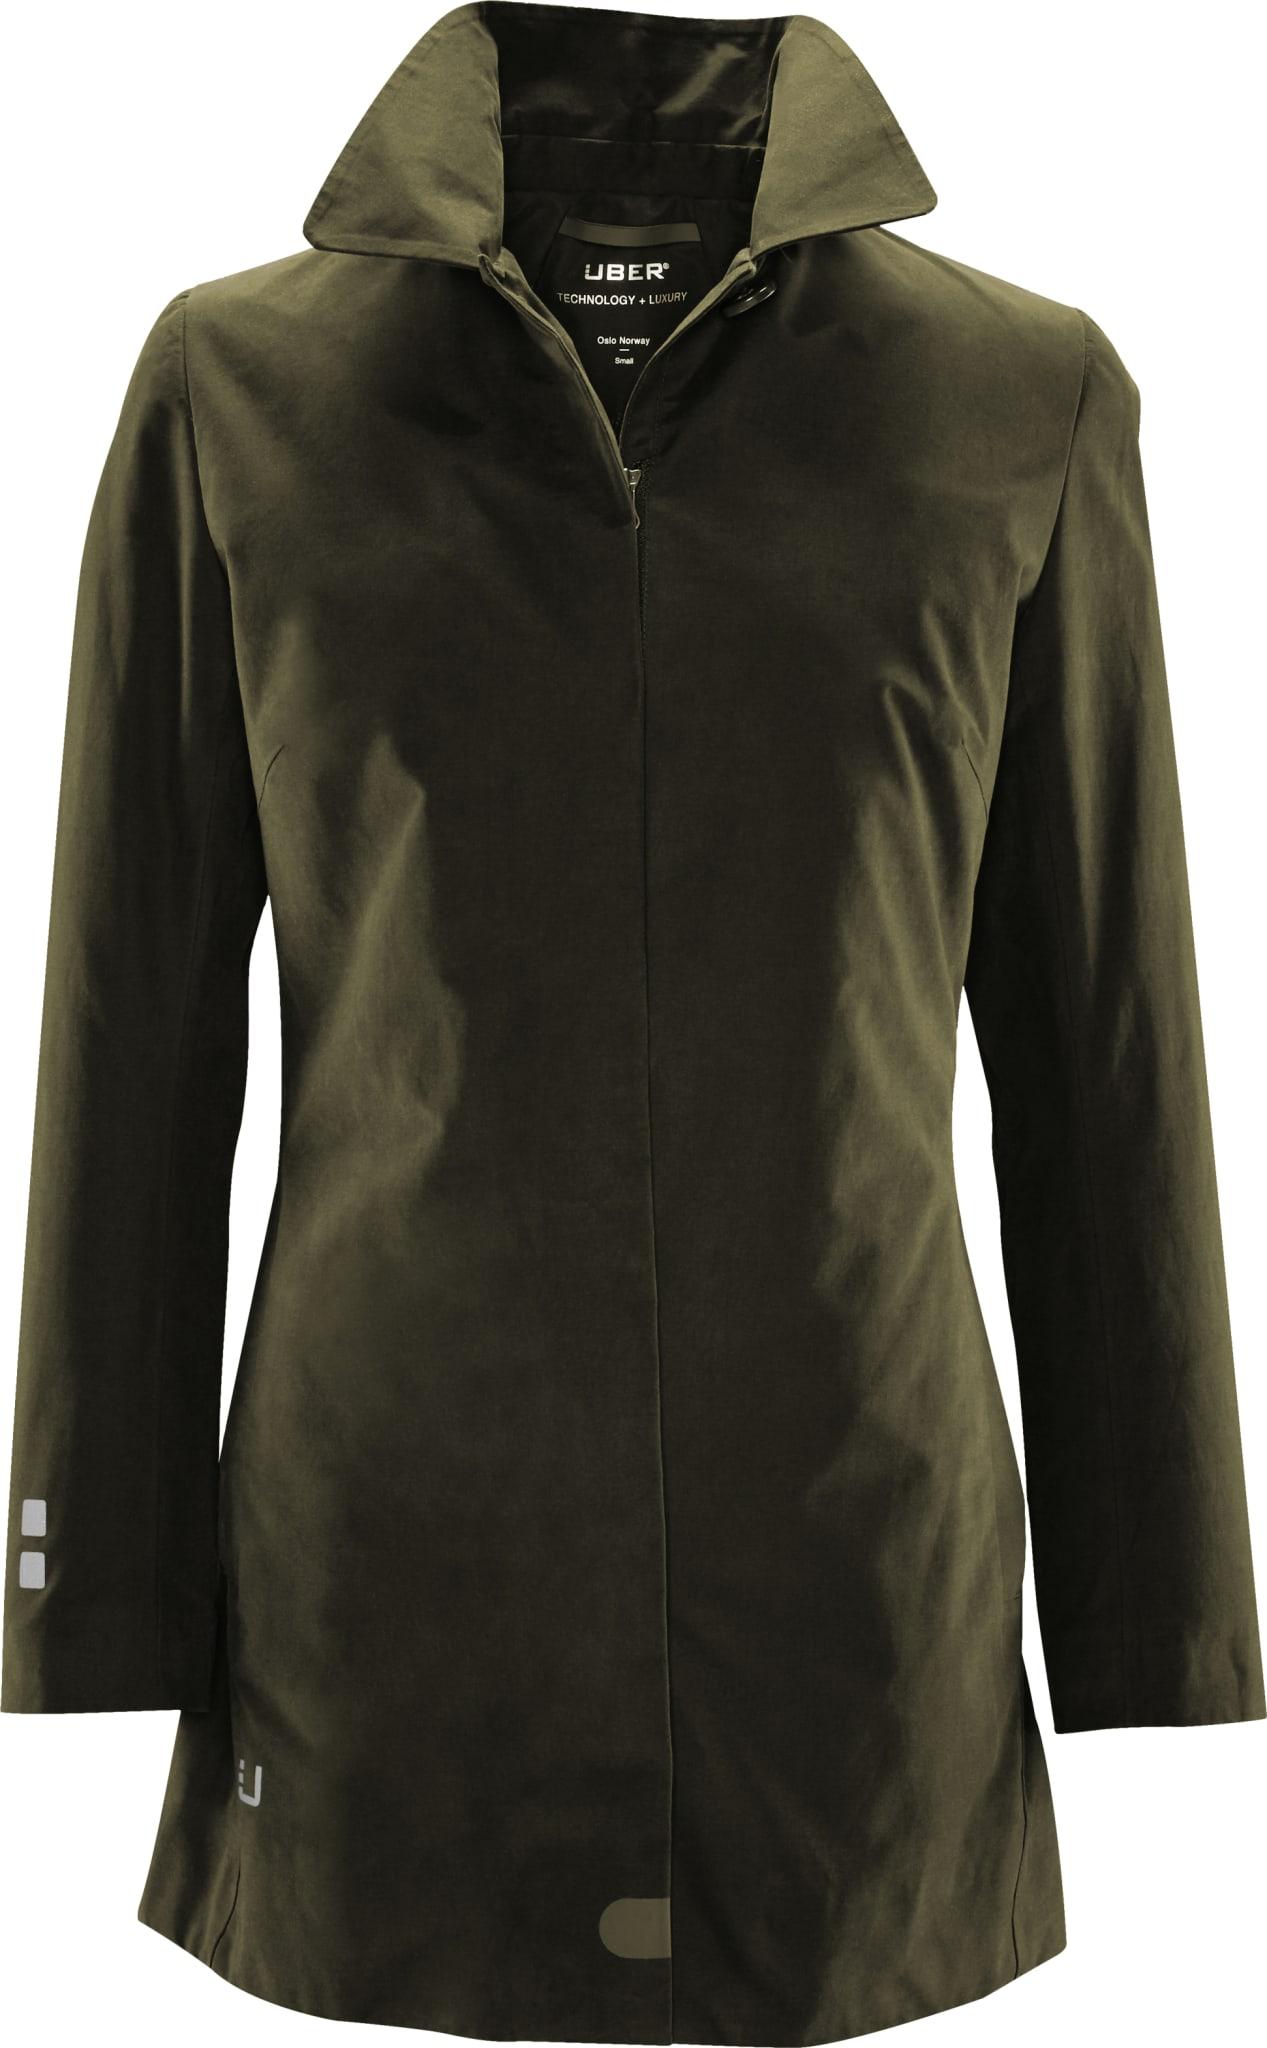 Hera Coat Ws